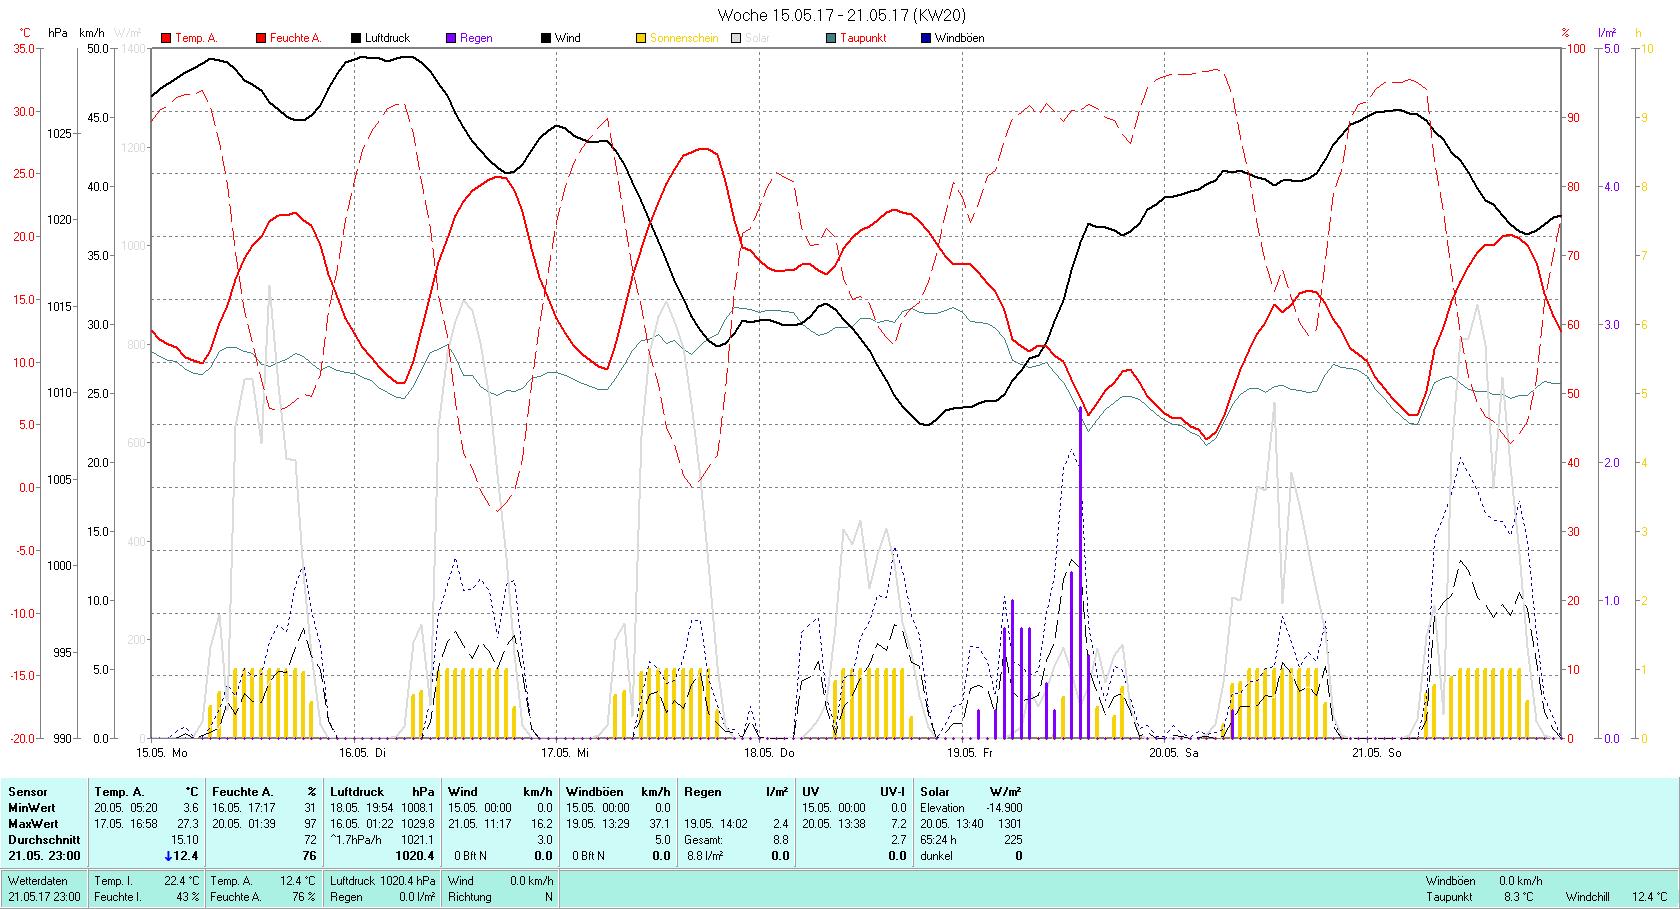 KW 20 Tmin 3.6°C, Tmax 27.3°C, Sonne 65:24h, Niederschlag 8.8mm/2